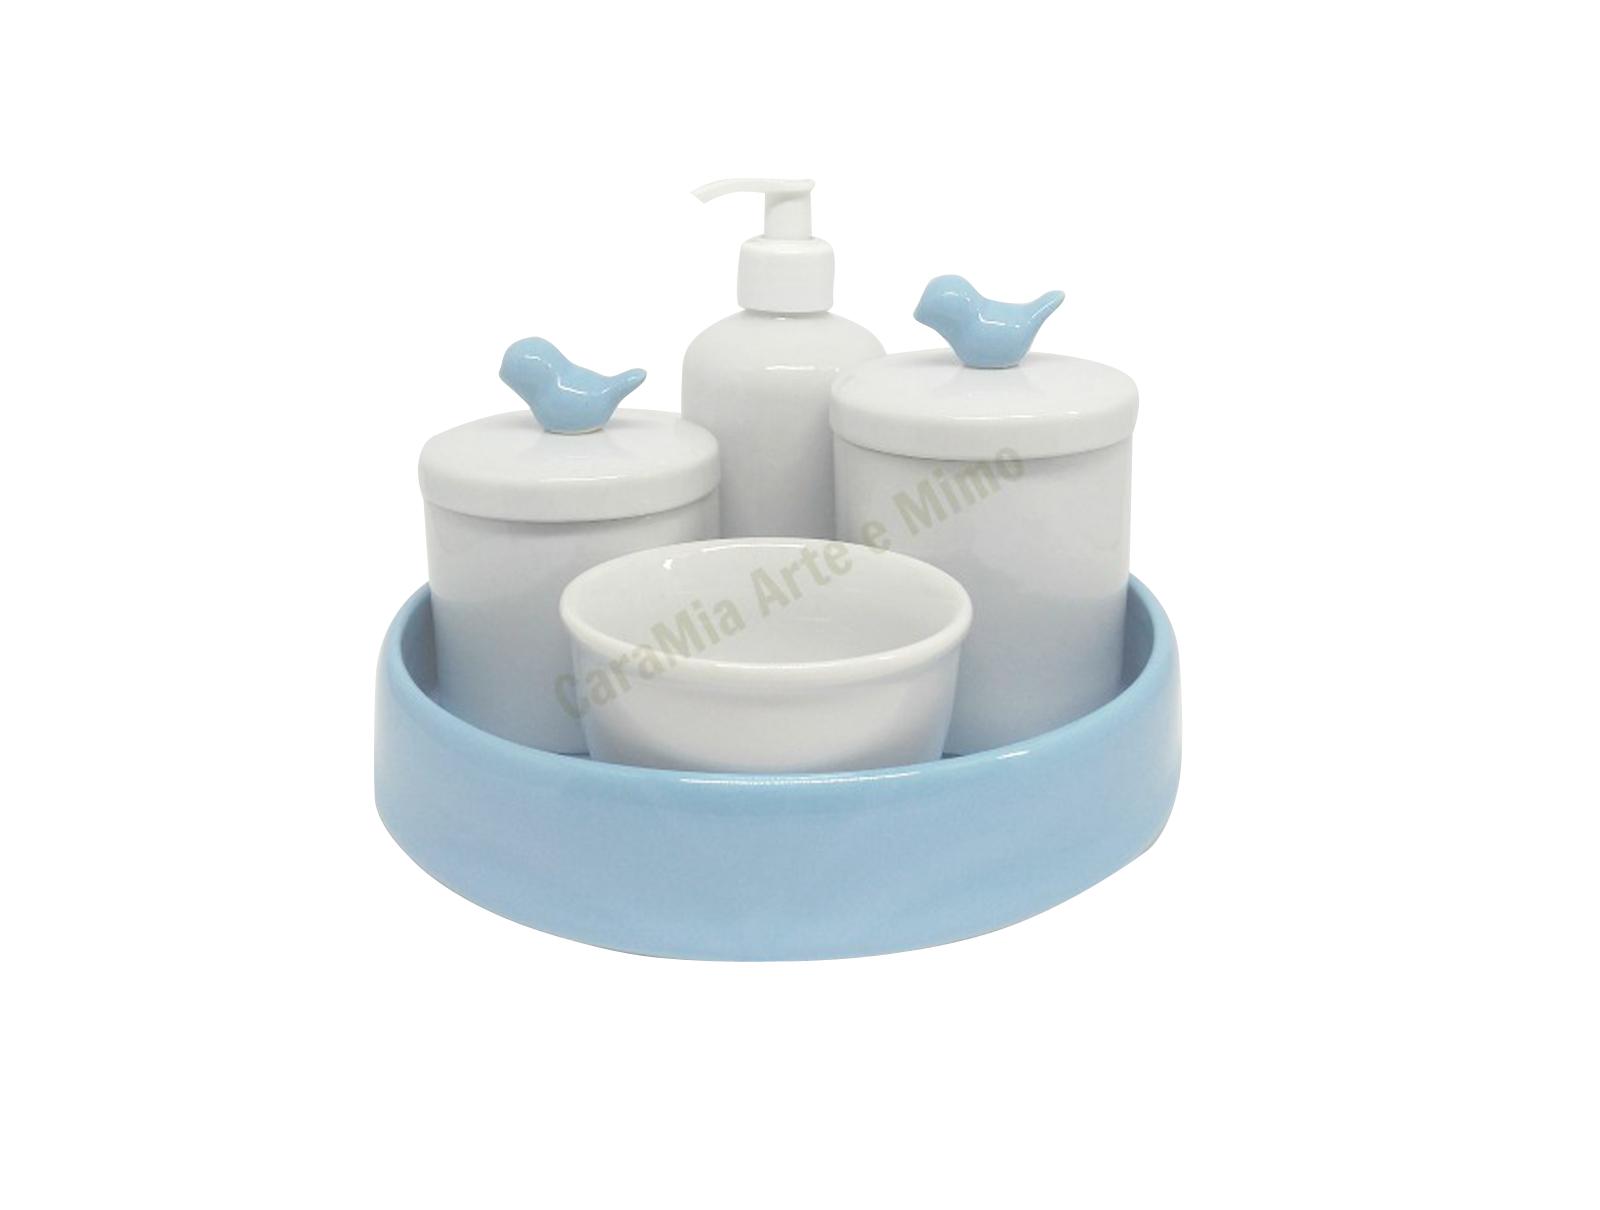 Kit Higiene Bebê Porcelana| Pássaro Azul com Bandeja Azul| 5 peças